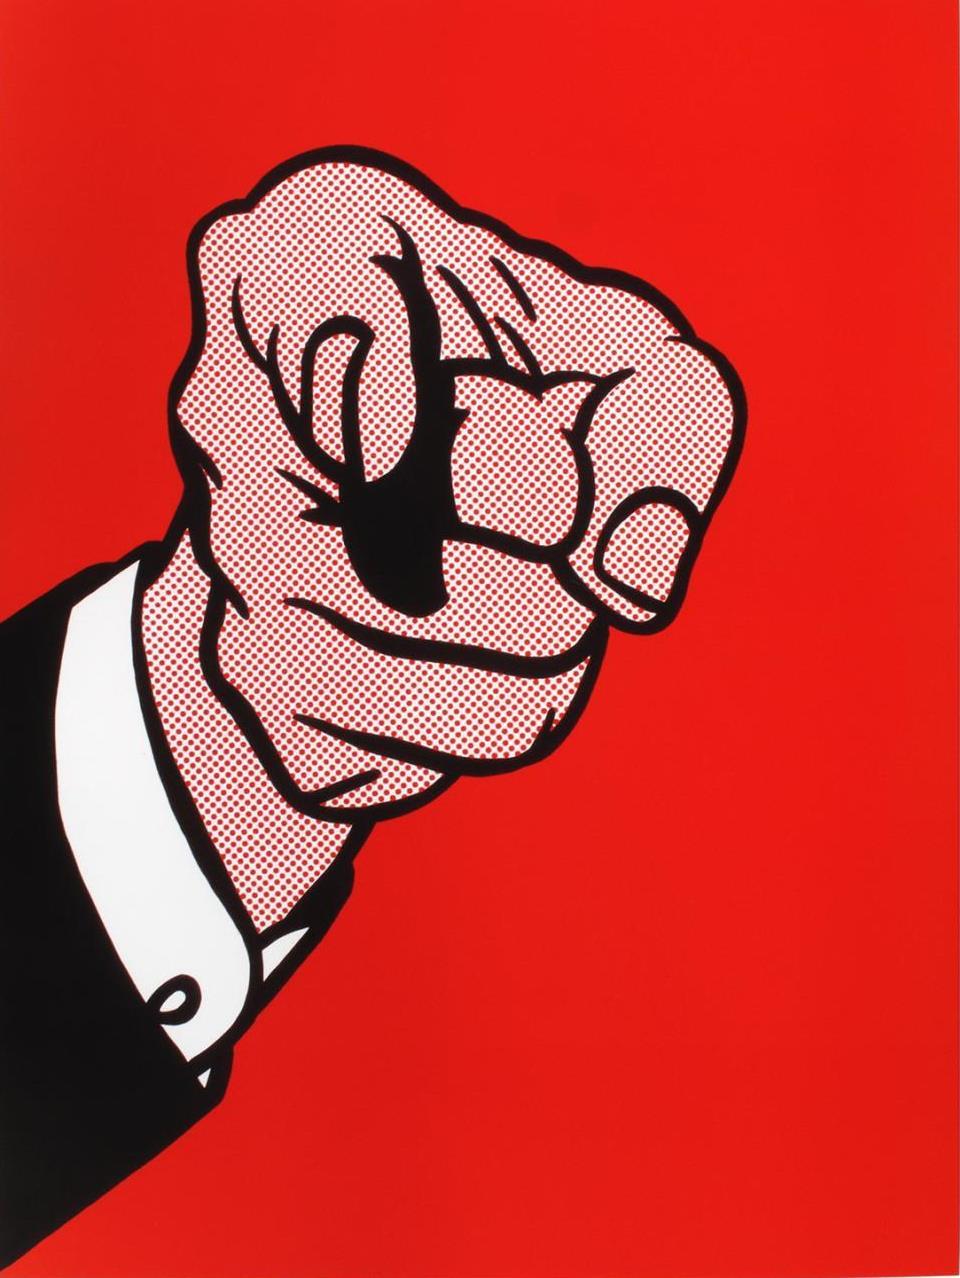 Roy Lichtenstein. Hey, you